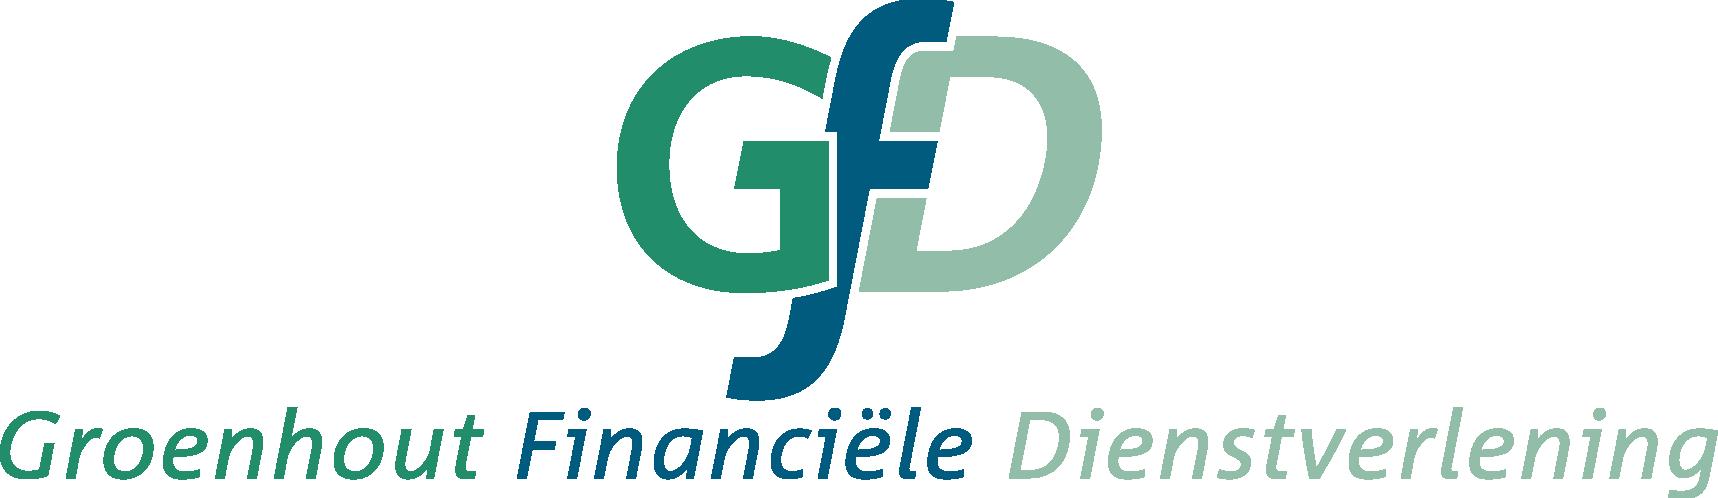 logo groenhout